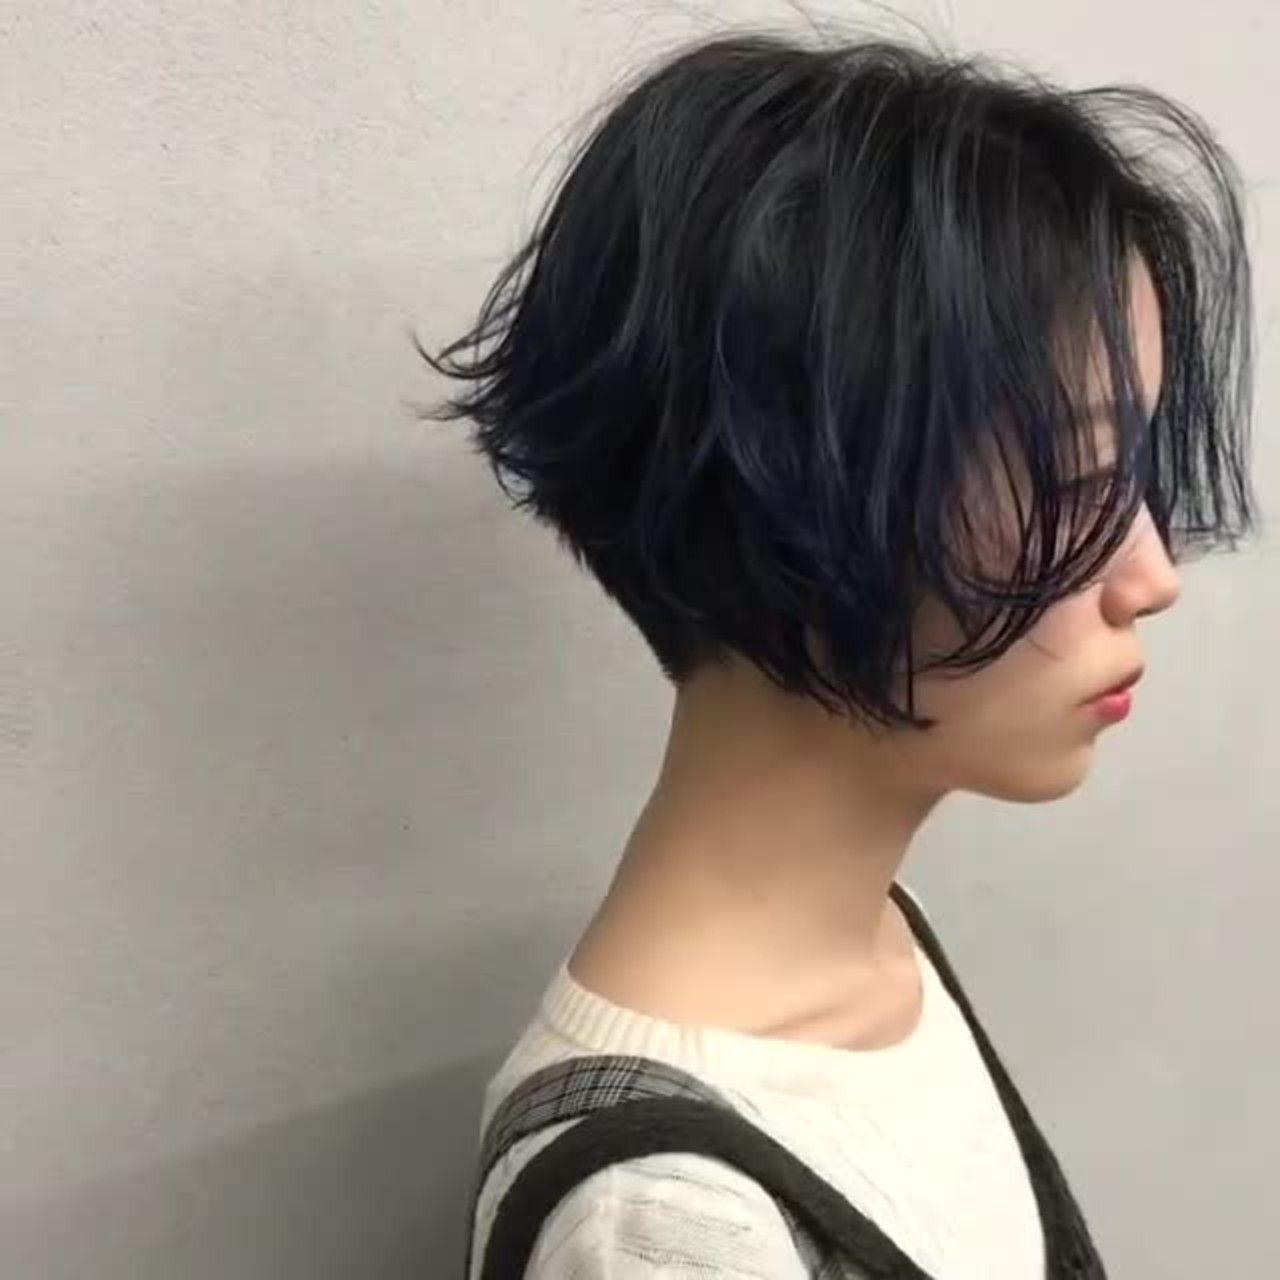 トレンチショート ヘアスタイル 髪型 パーマスタイル